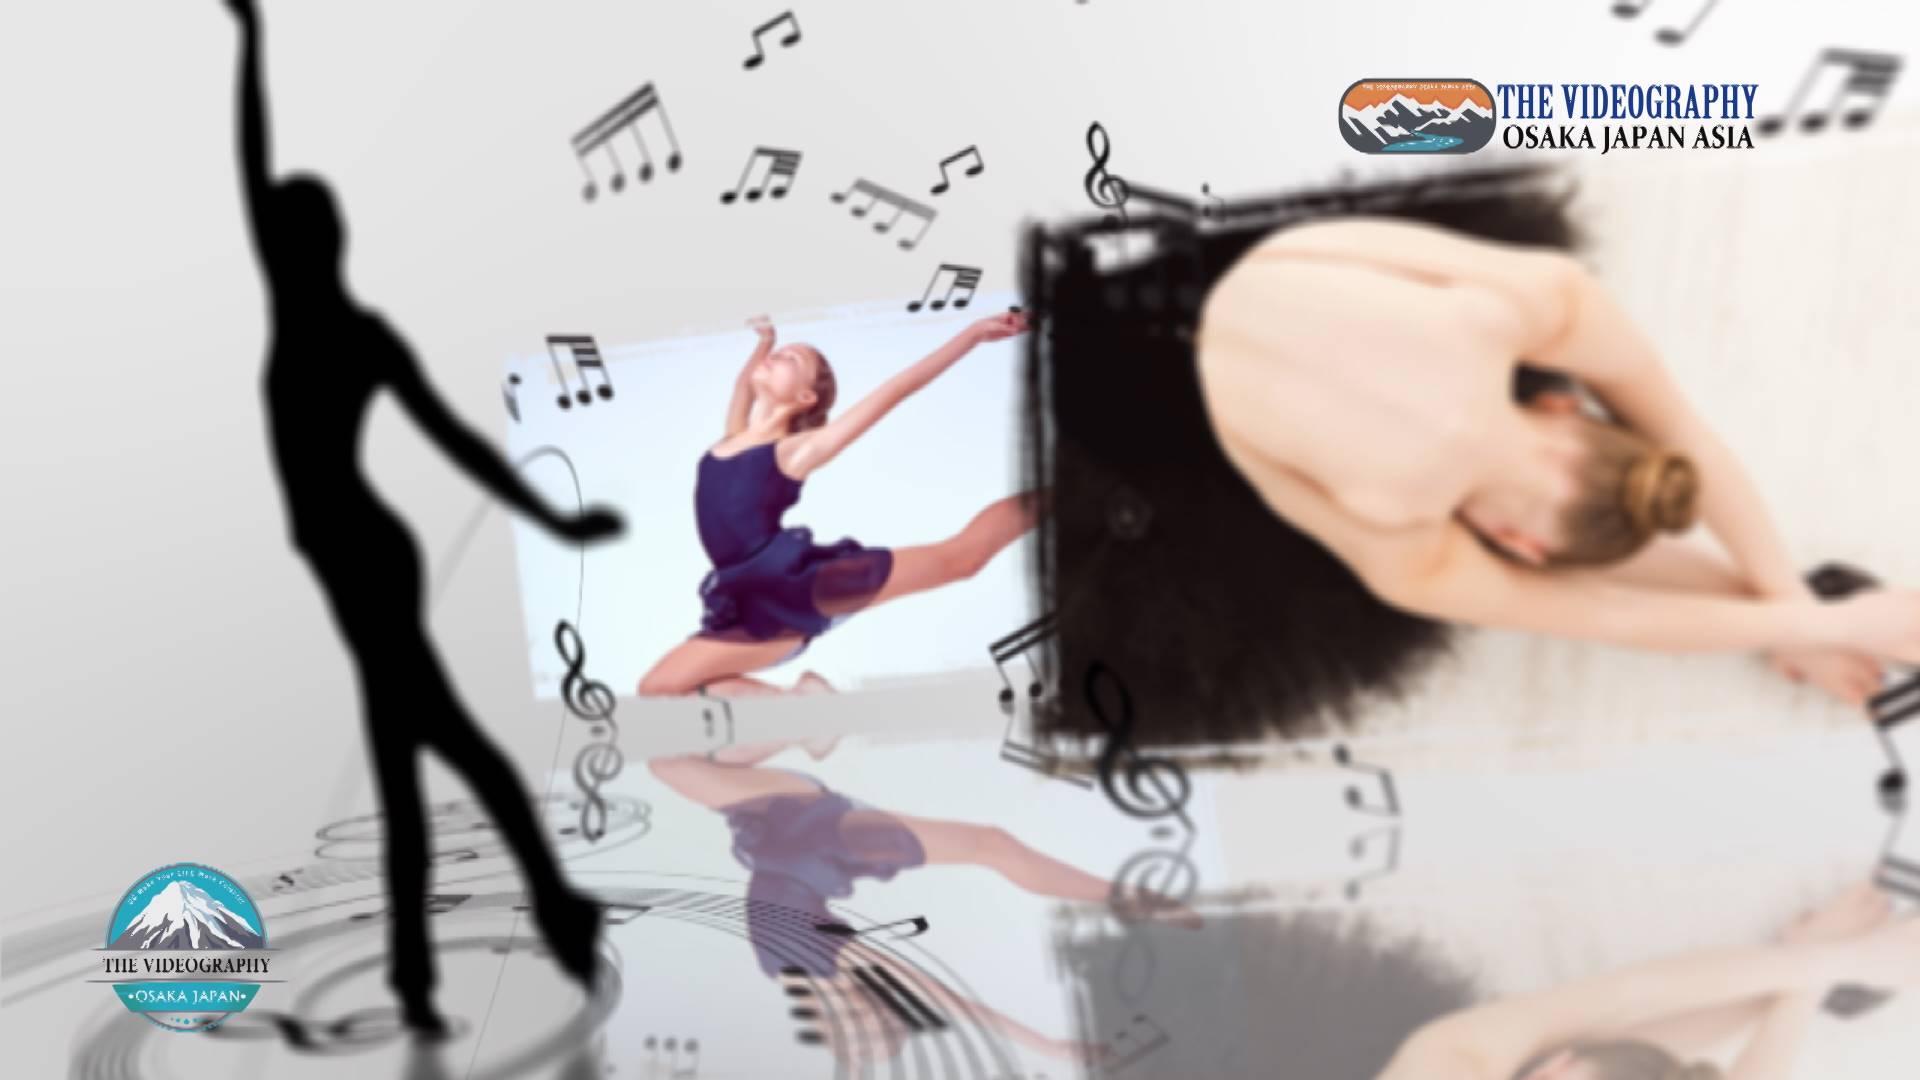 バレエ発表会 ピアノ演奏会 音楽会 演劇 舞台発表のDVD撮影@大阪市 神戸市 京都市 奈良市。ダンスやコンサート 各種発表会 授賞式 イベント パーティのビデオ撮影 動画記録撮影 記念DVD作成